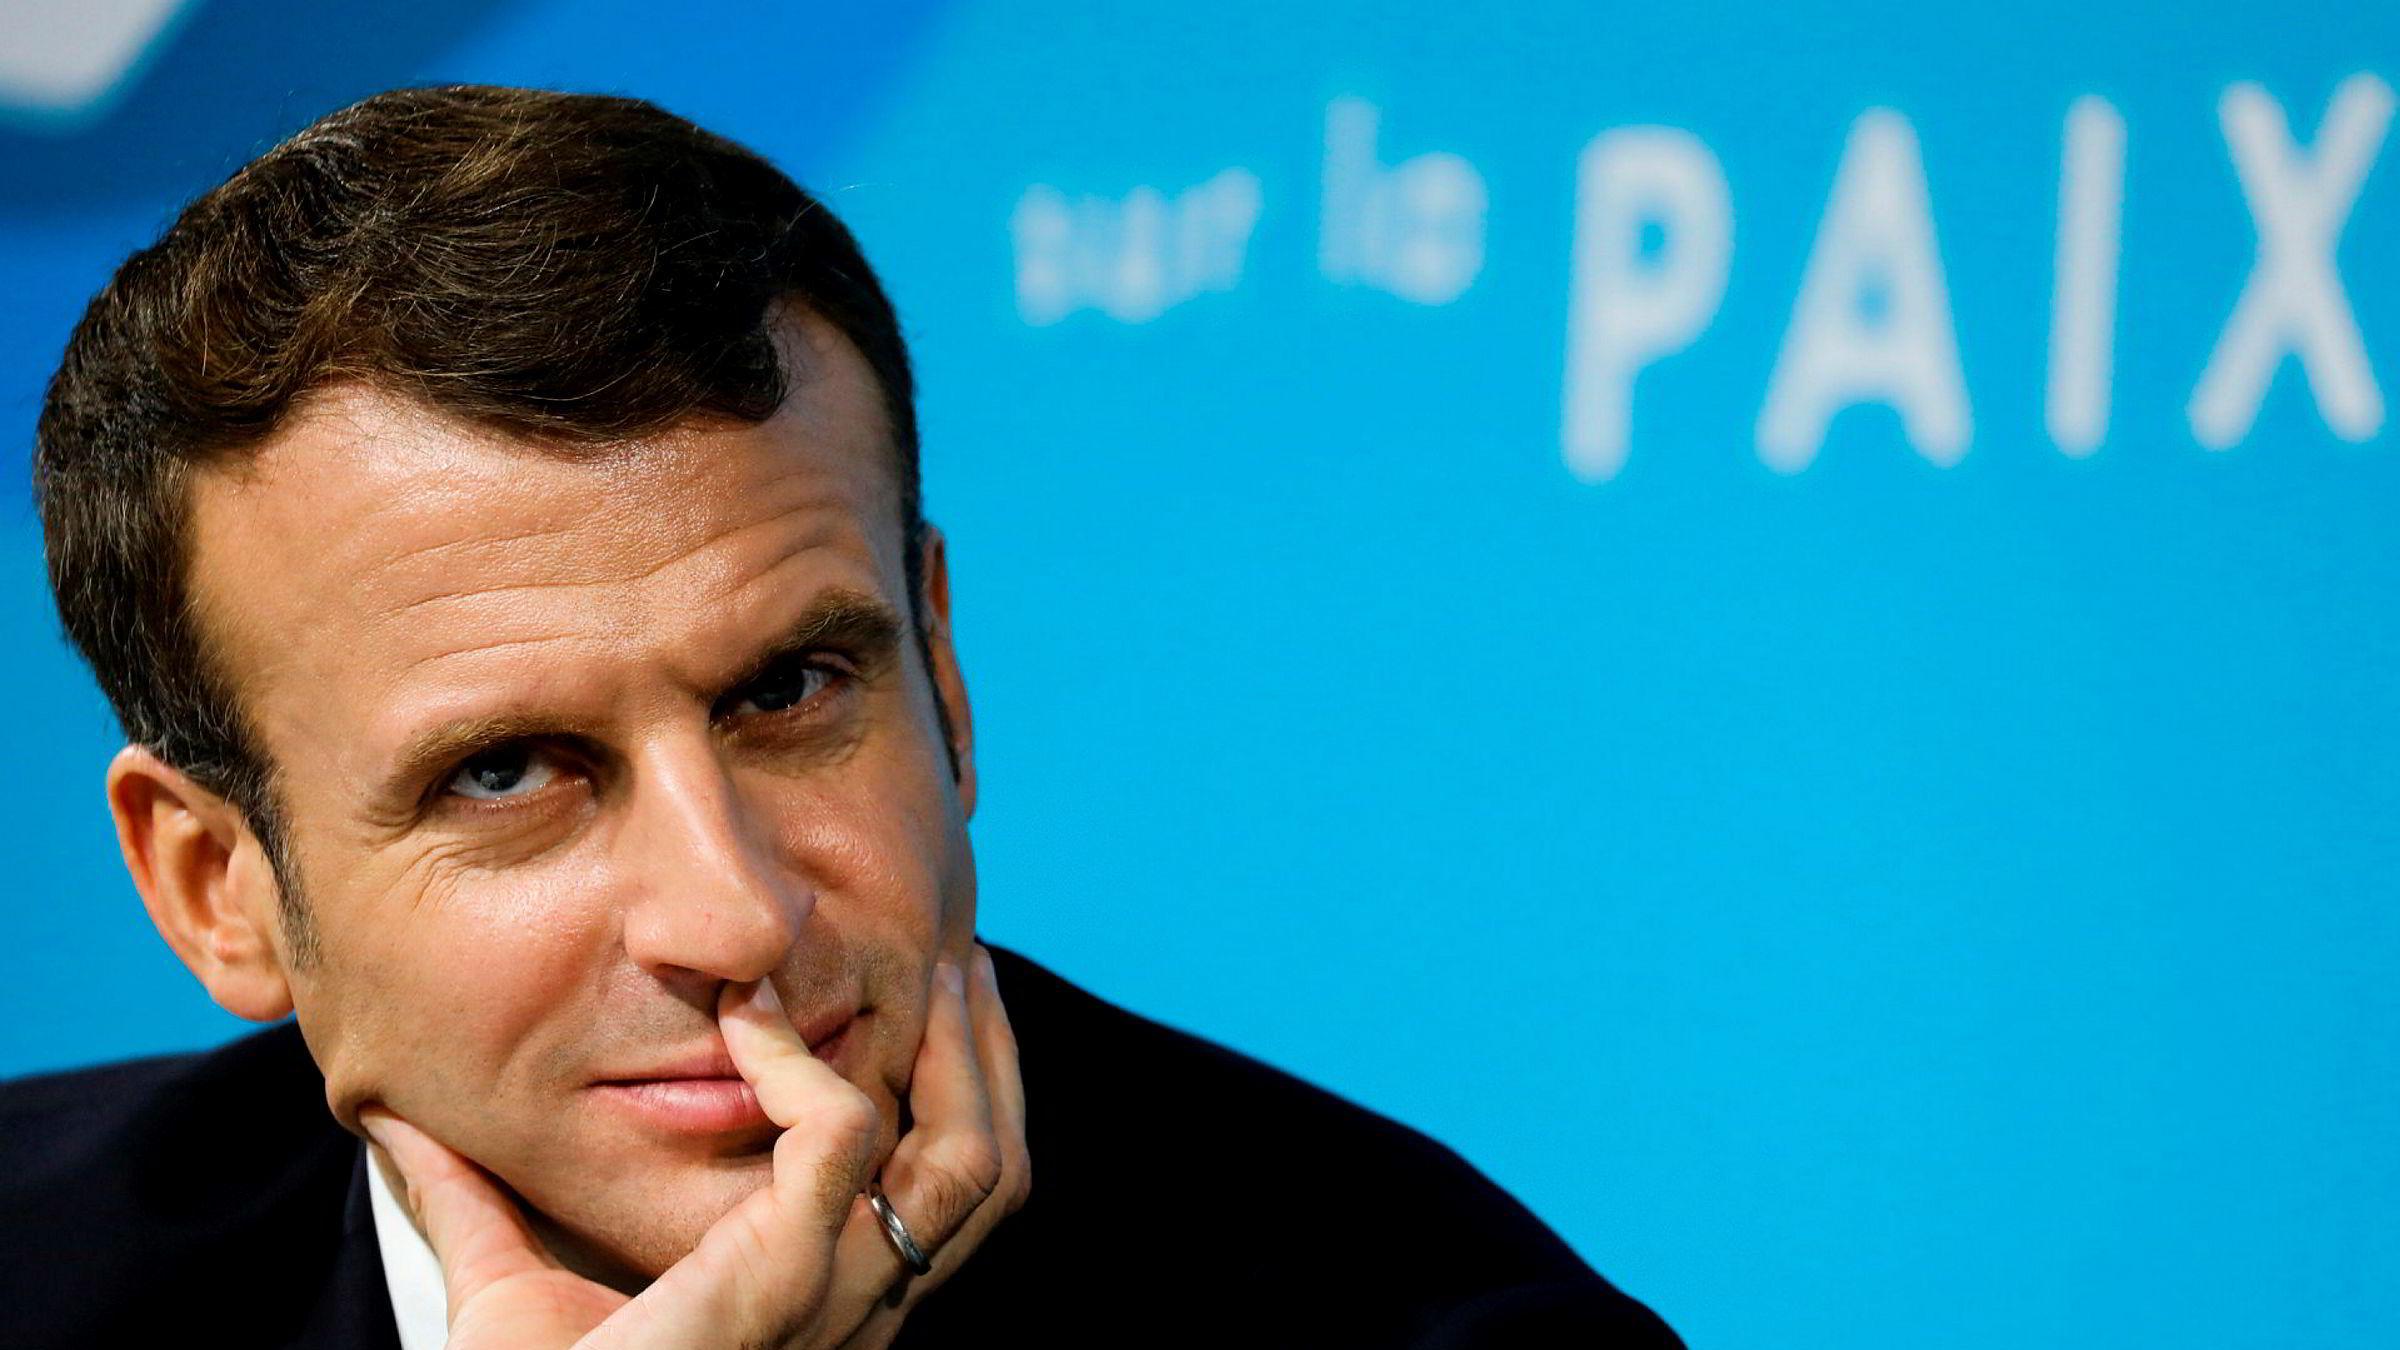 Frankrikes president Emmanuel Macron har helt rett i at Europa må ta mye mer ansvar for sin egen sikkerhet og sin rolle i verden, mener artikkelforfatteren. (Ludovic Marin/Pool via AP)